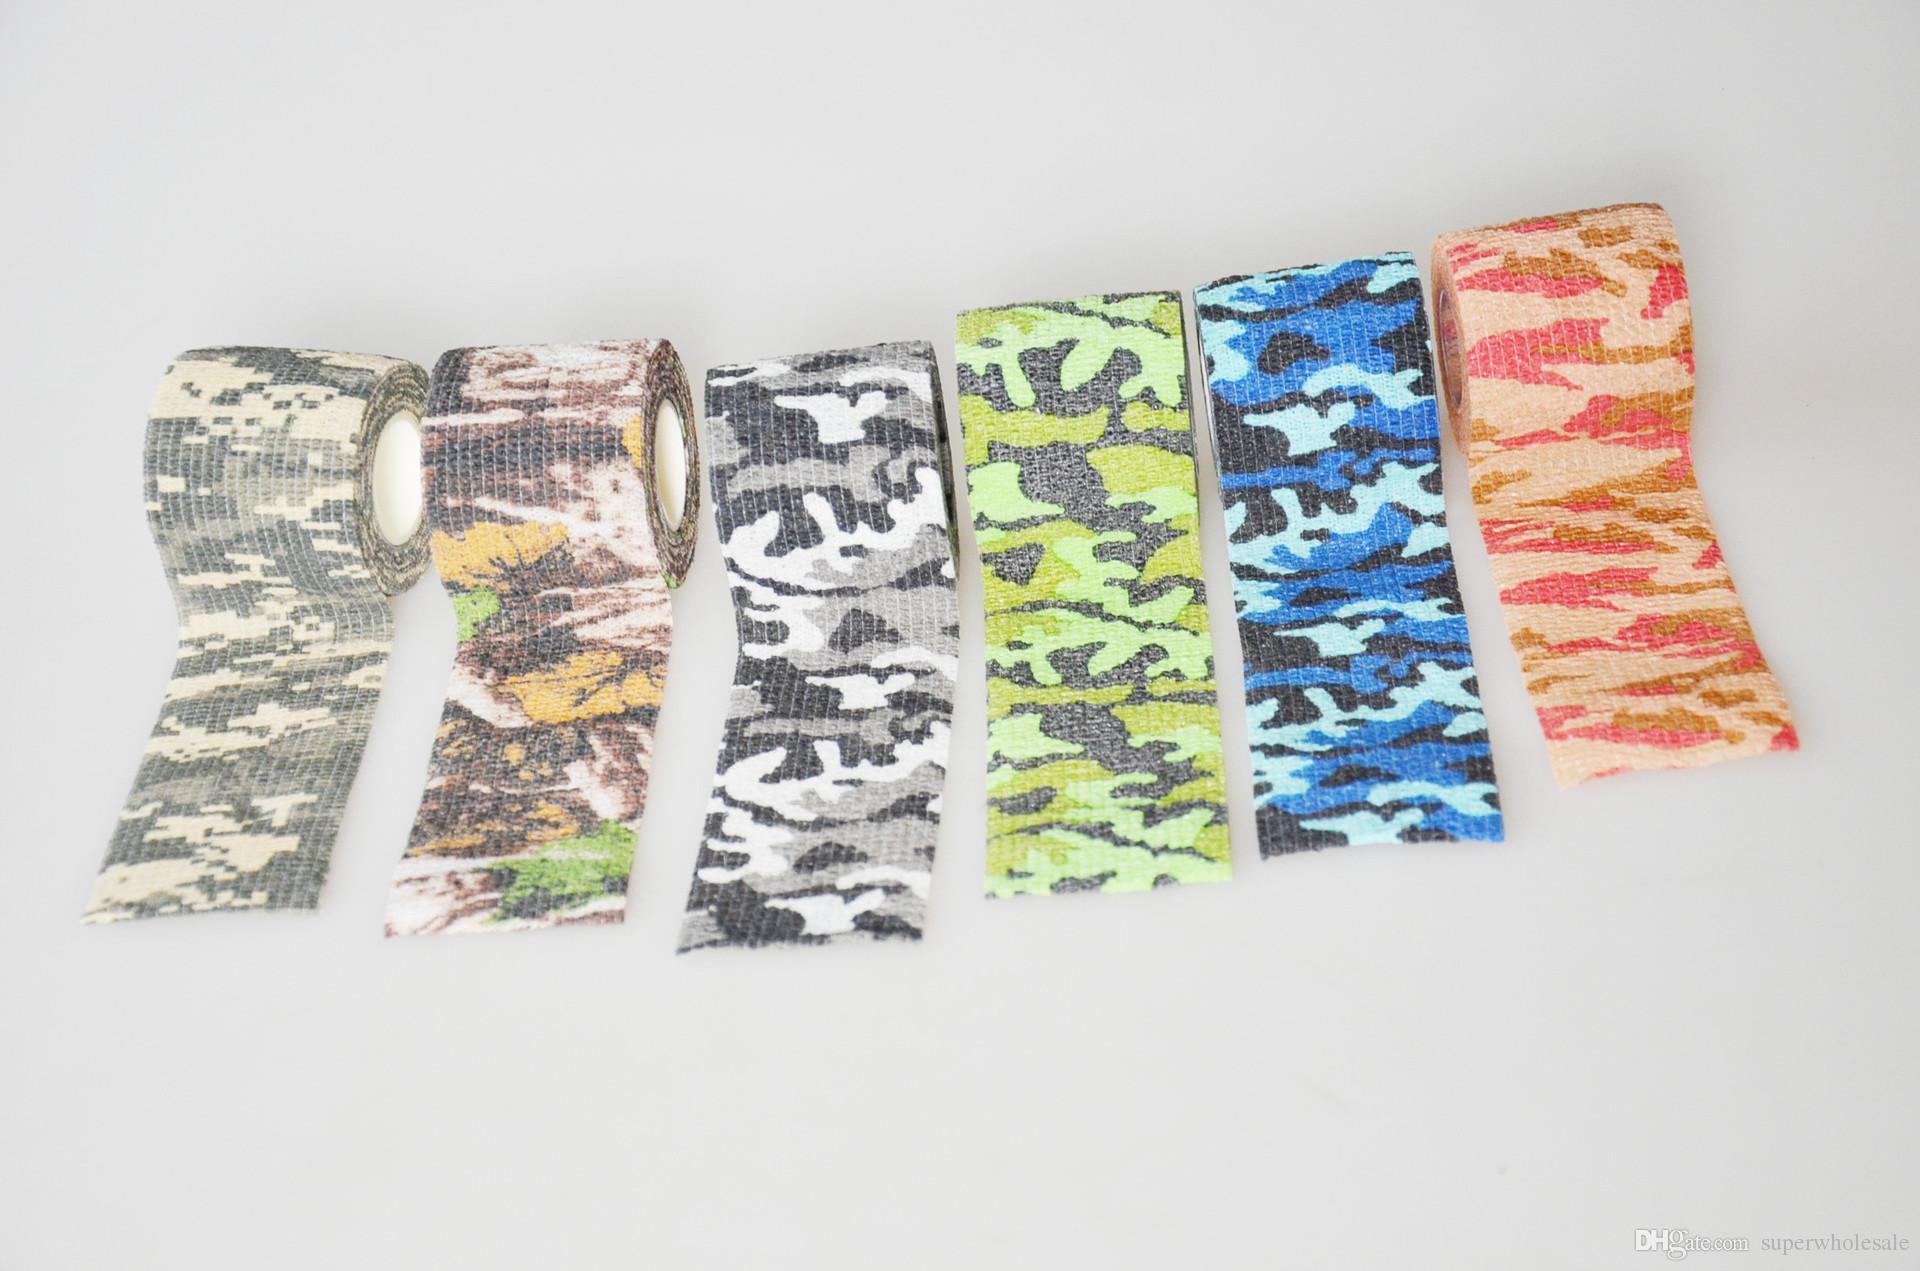 Самоклеящаяся защитная камуфляжная лента 5 * 45M Тактическая камуфляжная форма Многофункциональная нетканая ткань Stealth Tape Stretch Bandage